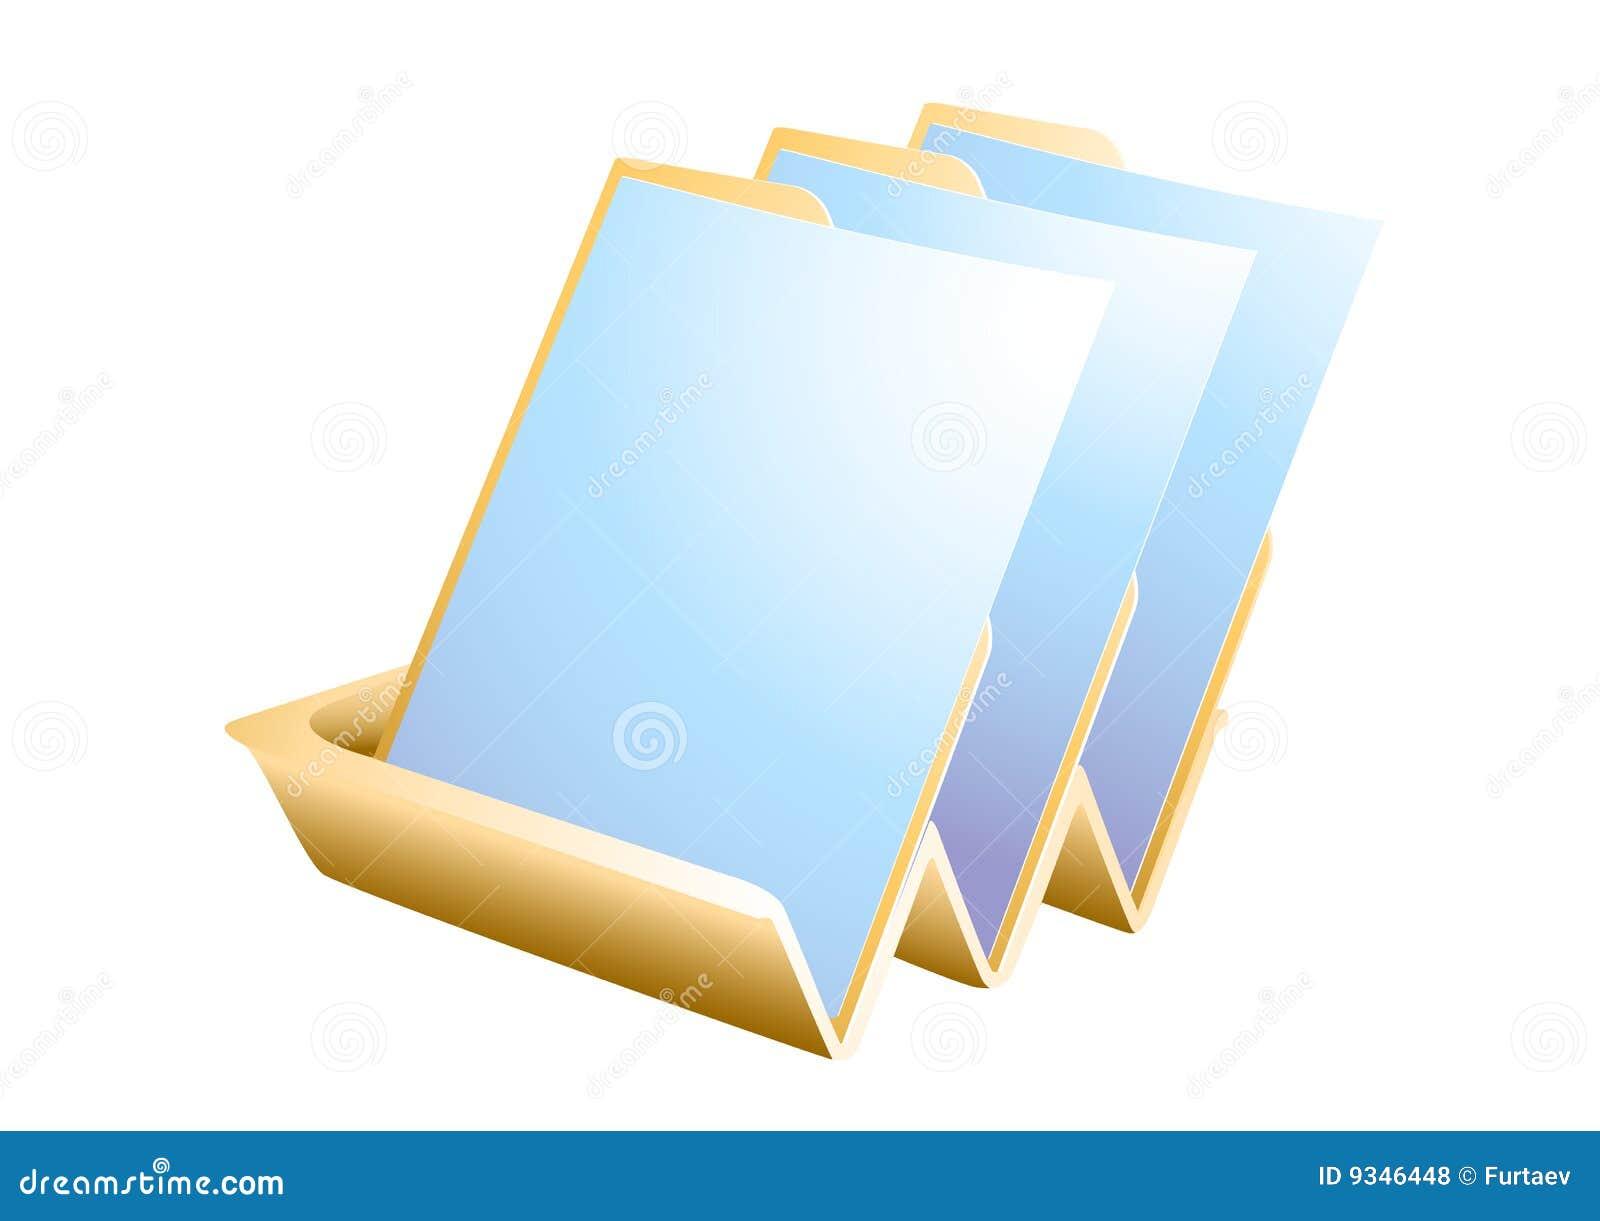 бумажный поднос